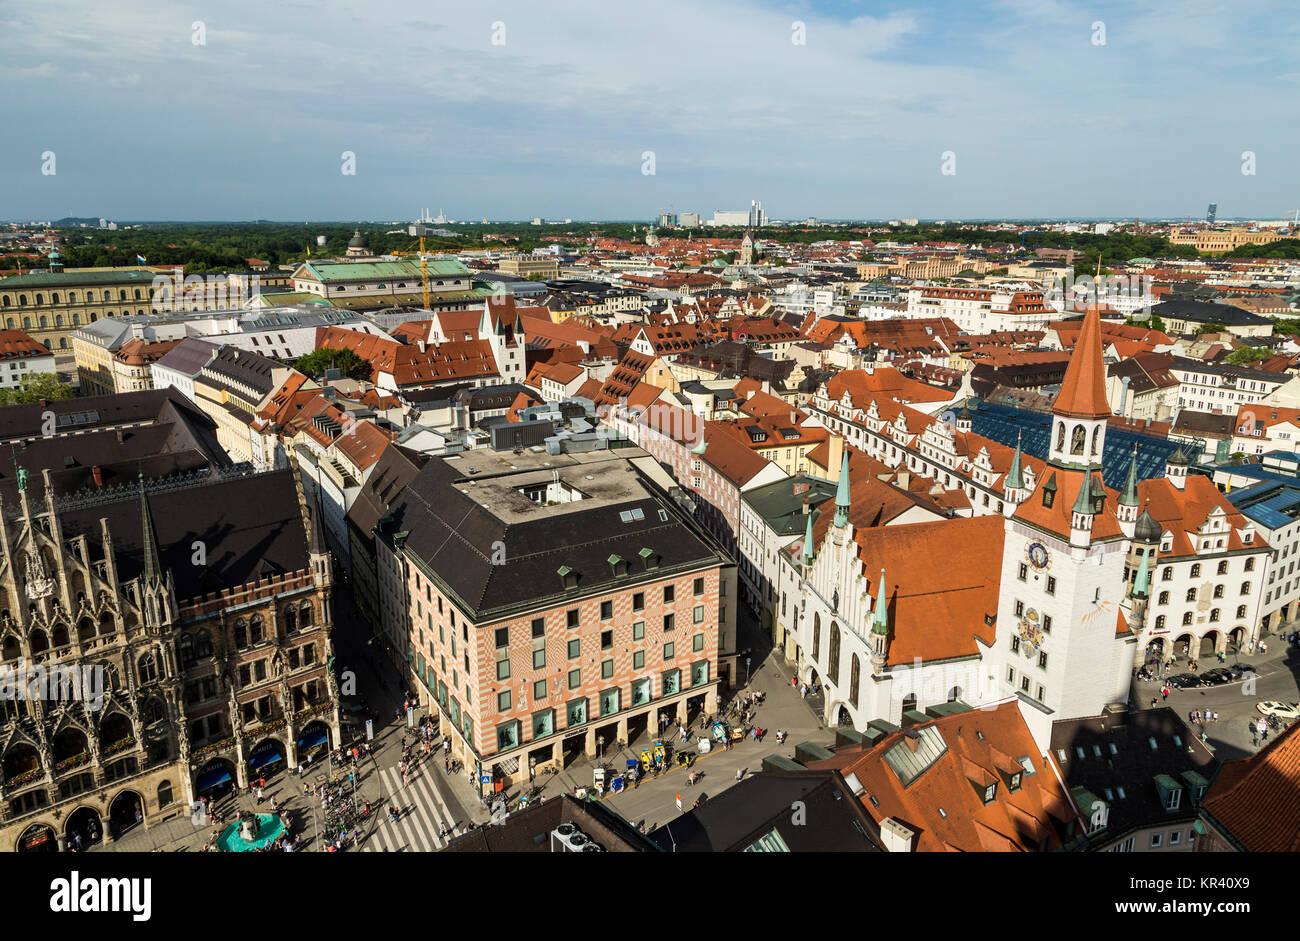 Hermosa super gran angular soleada vista aérea de Munich, el Bayern, Baviera, Alemania con el horizonte y el paisaje más allá de la ciudad, visto desde el mirador de la Iglesia de San Pedro Foto de stock